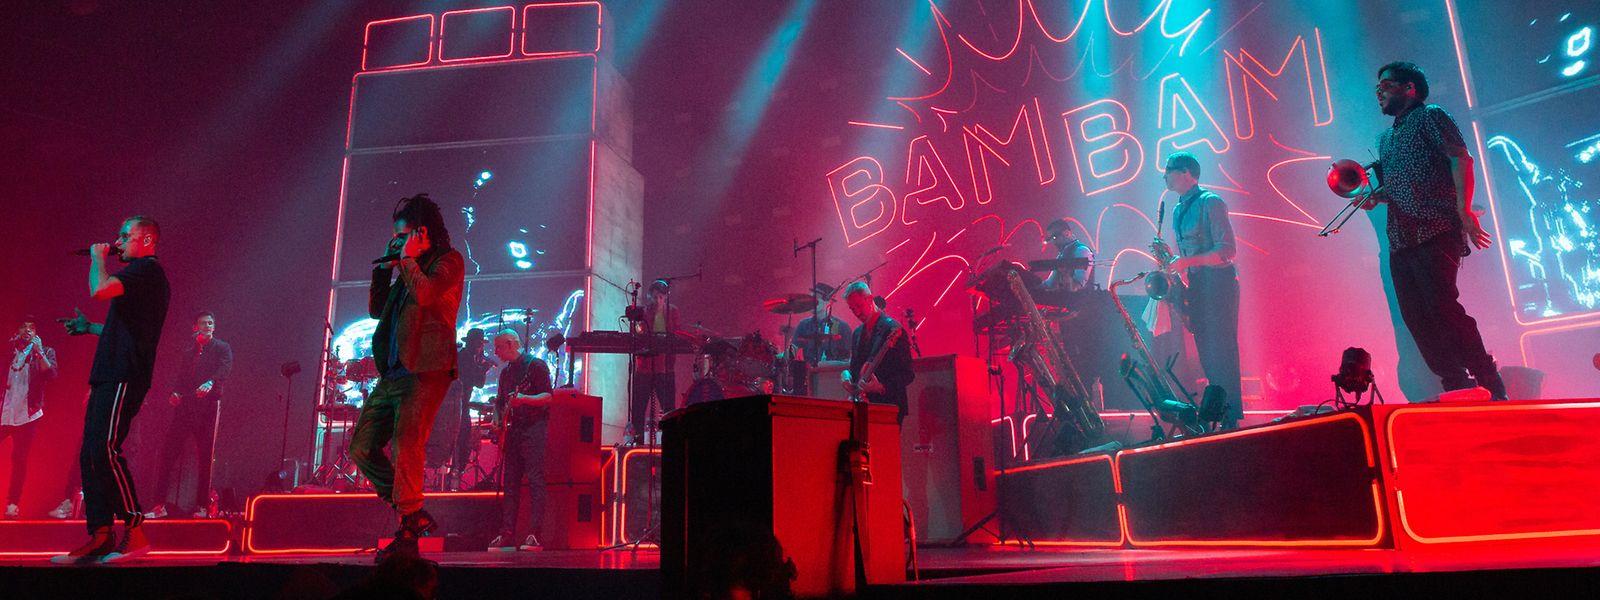 Seeed wussten mit ihrem energiegeladenen Auftritt das Publikum der Rockhal zu begeistern – es wurde aber auch emotionsgeladen des 2018 verstorbenen Band-Mitbegründers Demba Nabé gedacht.